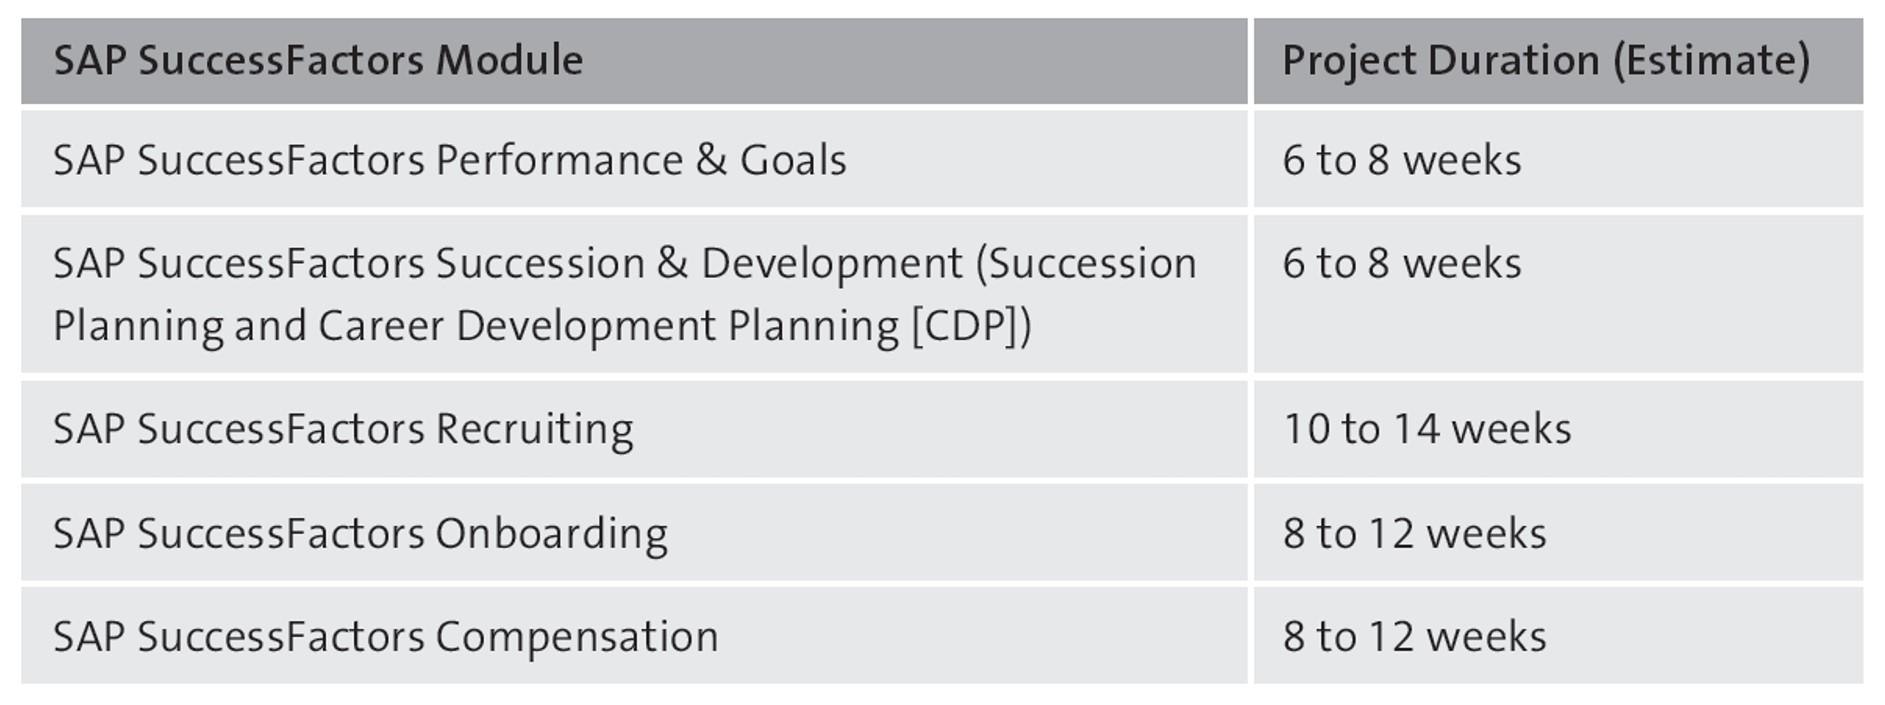 SAP SuccessFactors Implementation Durations